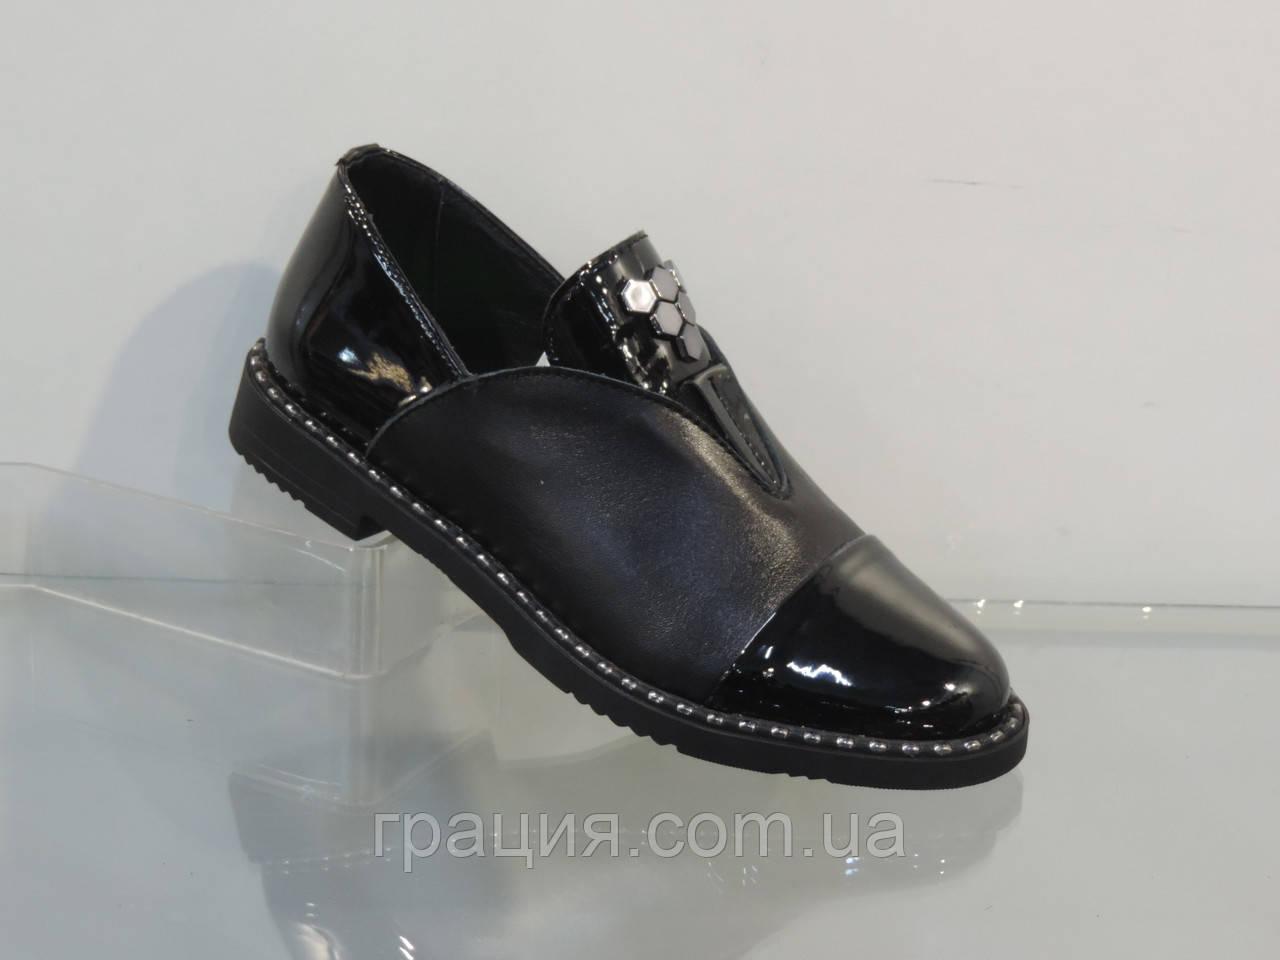 Женские стильные туфли на резинке лак/кожа натуральная